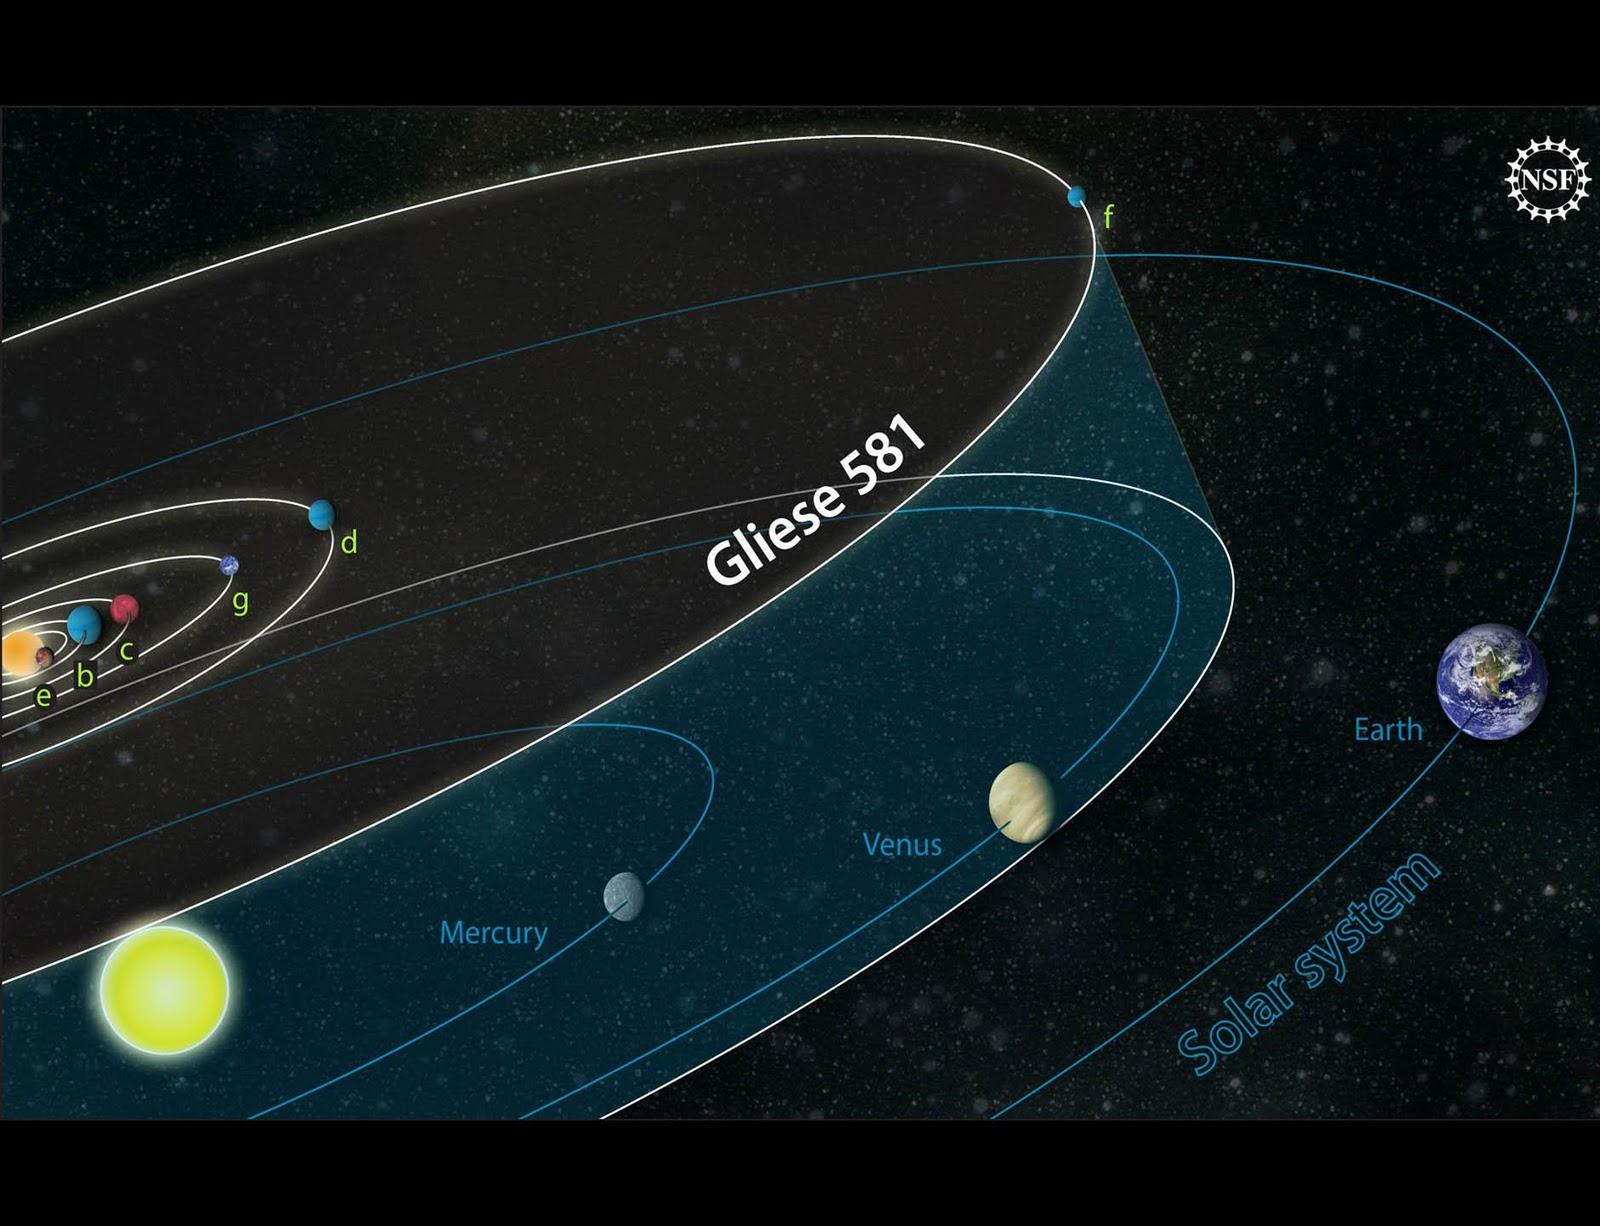 Gliese 777